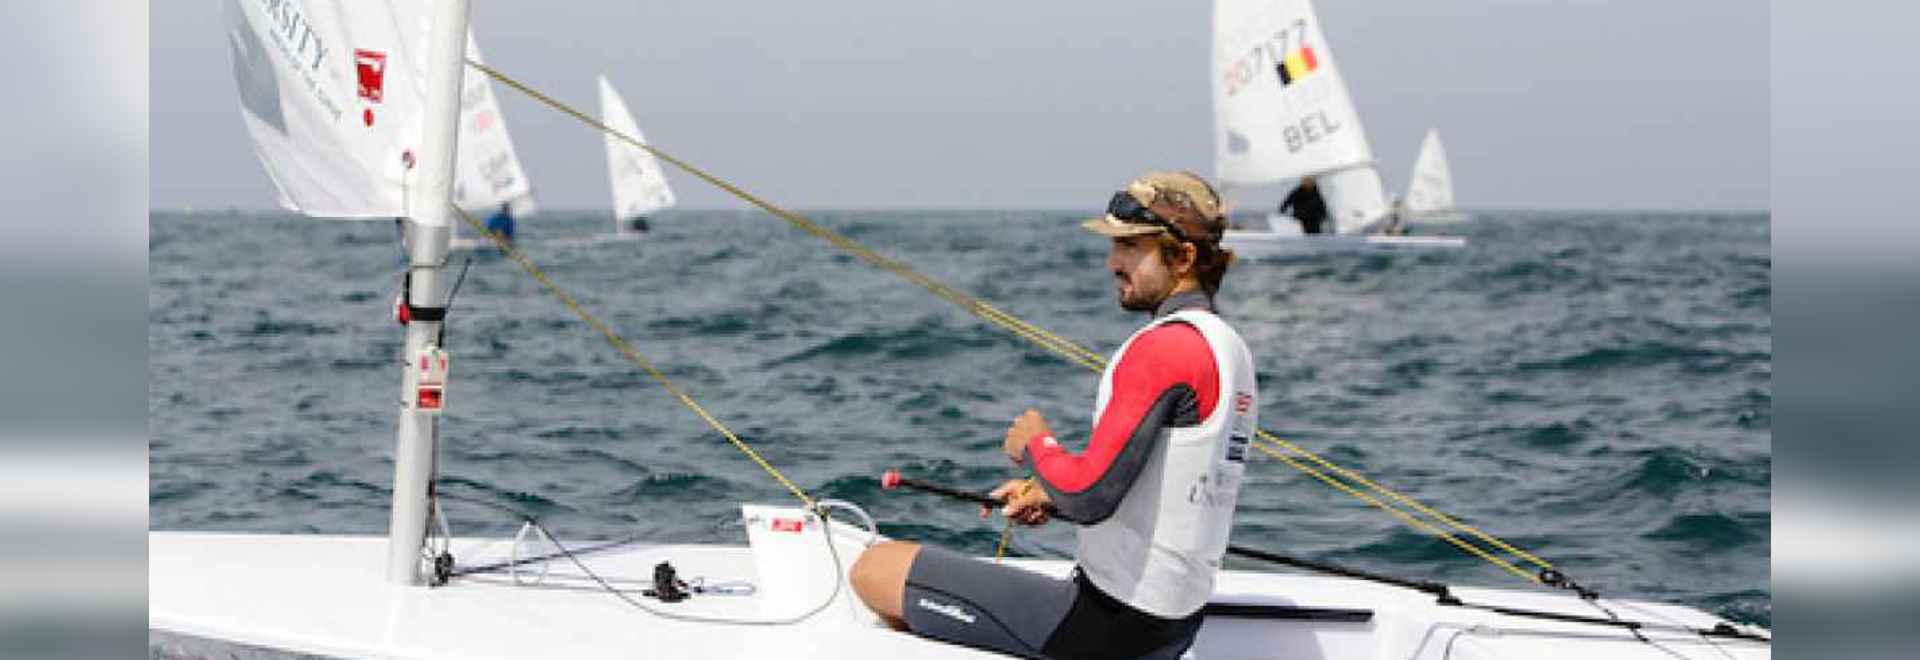 Chez les hommes ? le laser de s, Charlie Buckingham a vu ses résultats internationaux solidement s'améliorer depuis commencer sa campagne à plein temps olympique en 2011. Le marin deux fois d'unive...